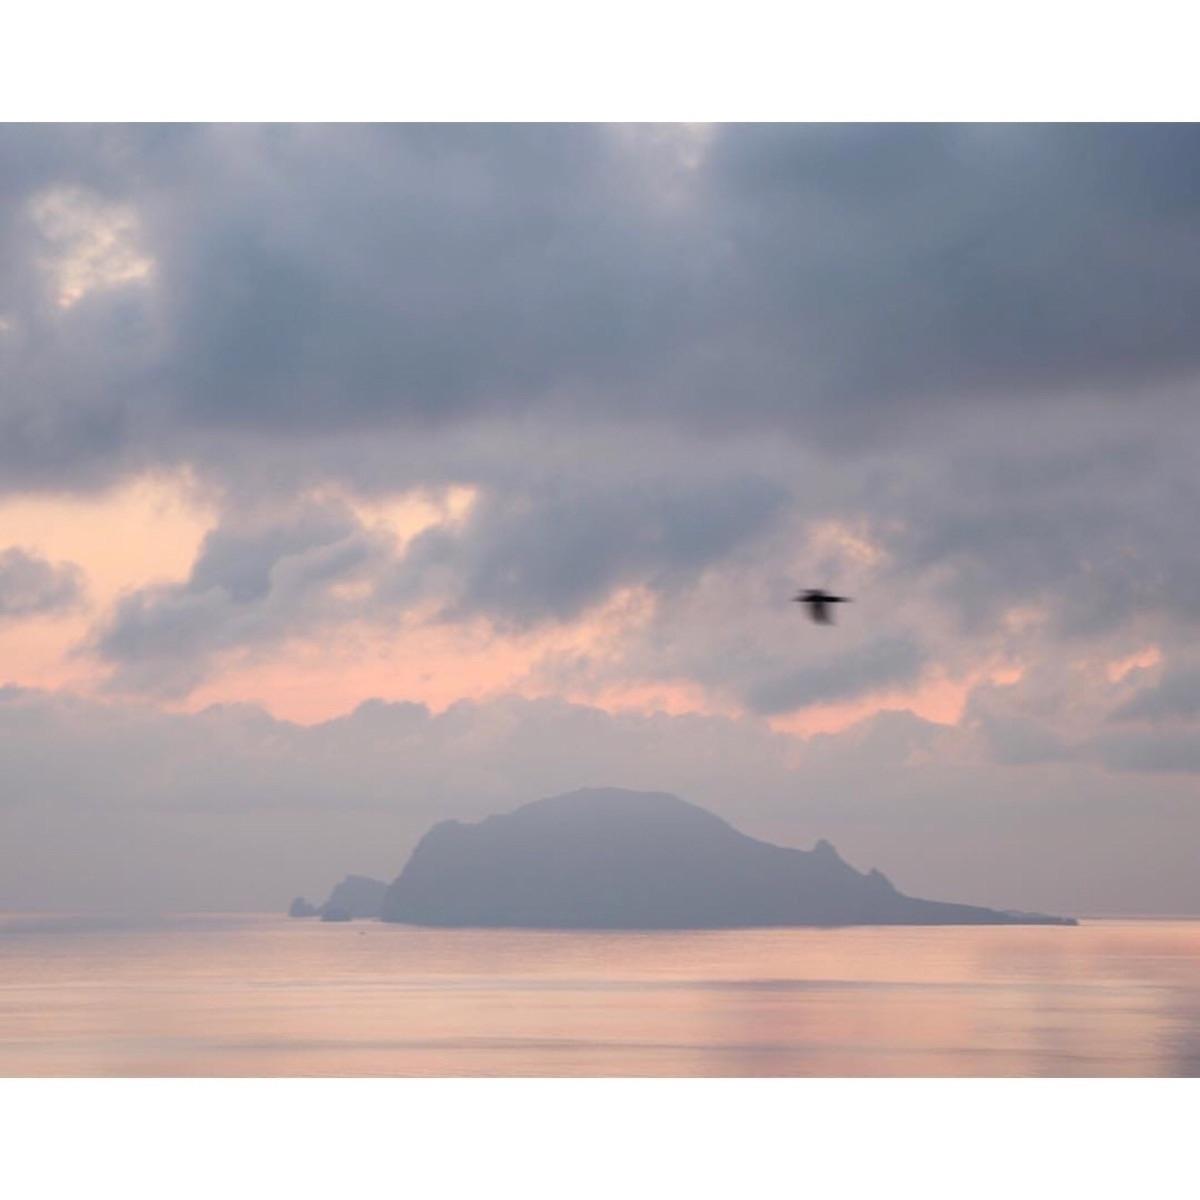 Sicily, minimalist, landscape - madebyfelix | ello